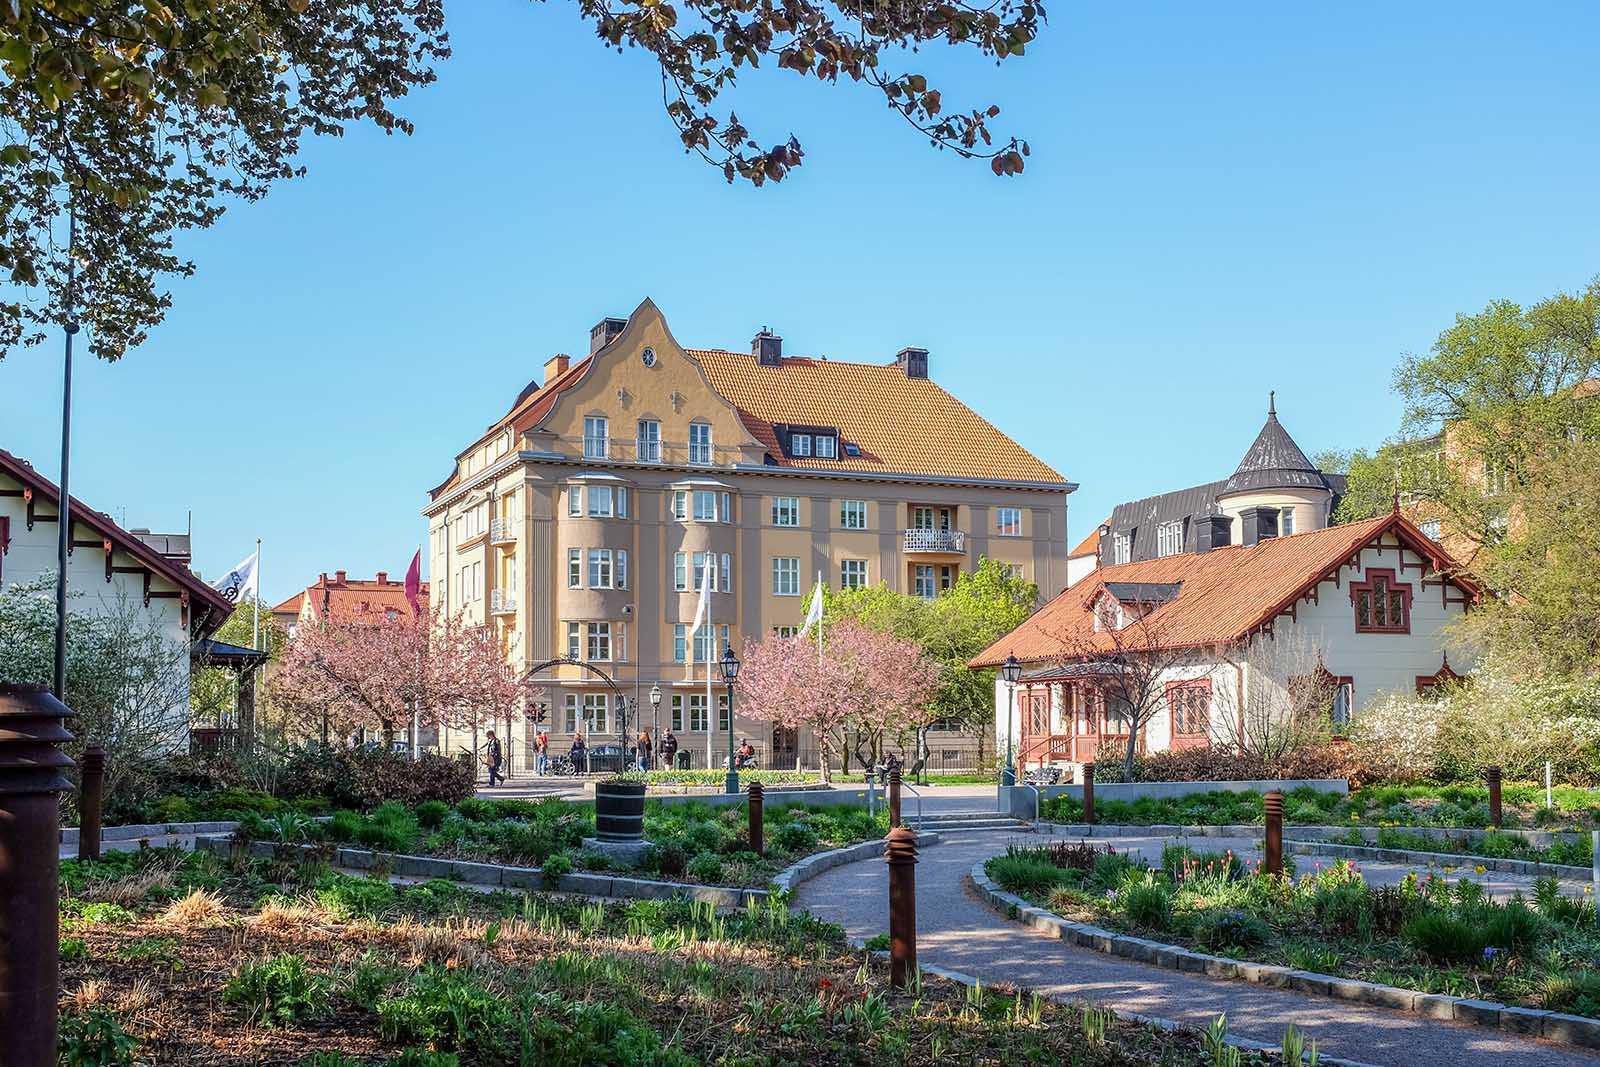 Vi utför stambyte i Linköping med även olika typer av rivning. Anlita oss för stambyte i Linköping.